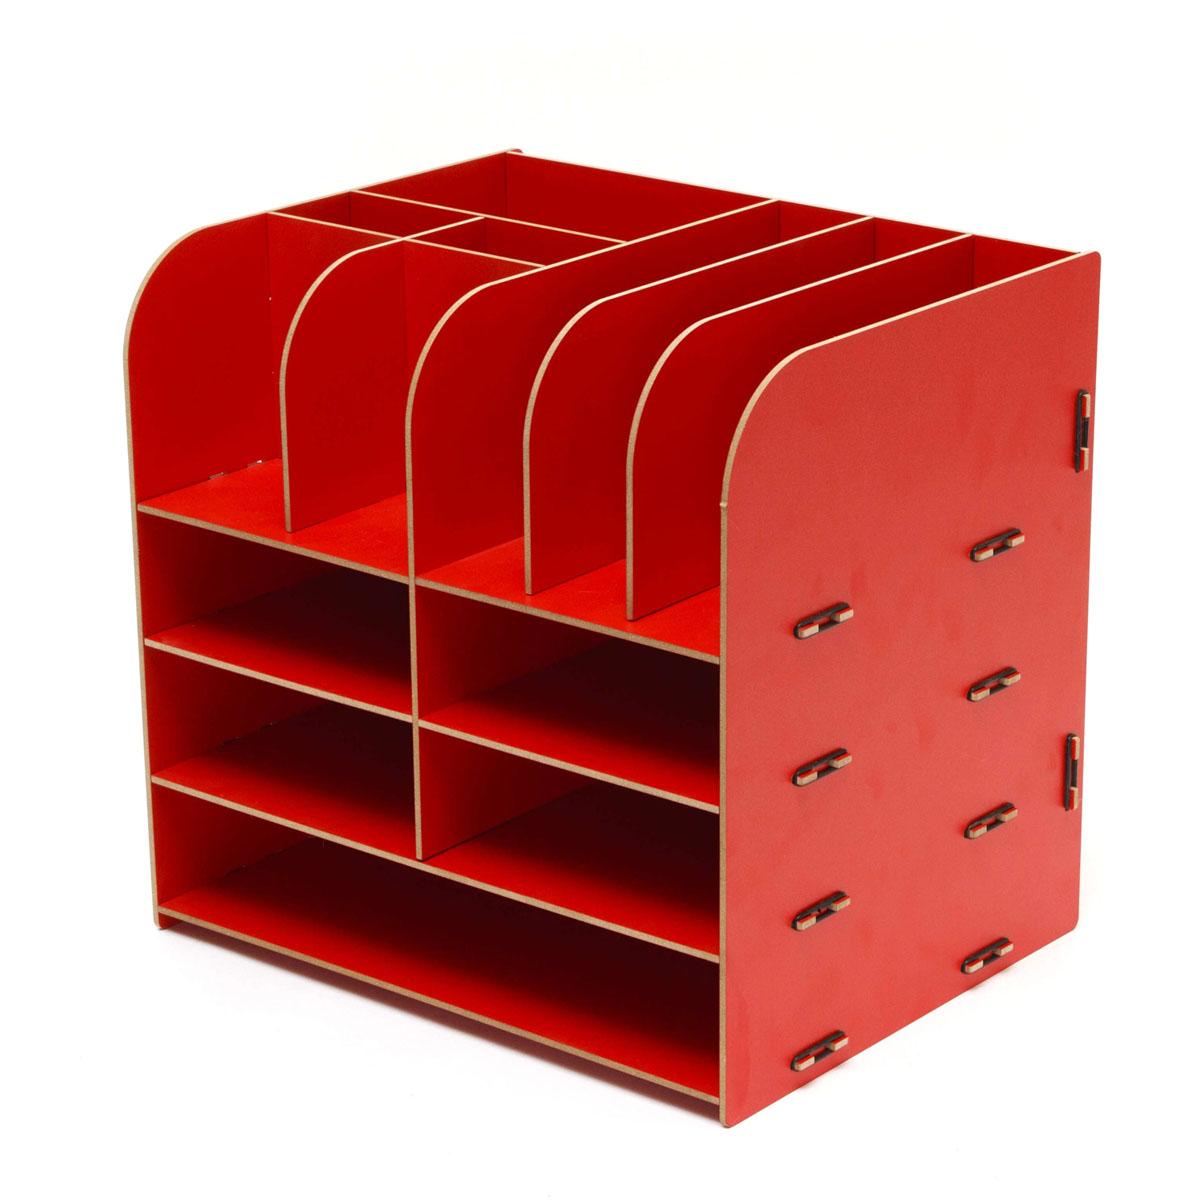 Органайзер настольный Homsu, цвет: красный, 13 отделов, 32,5 x 25 x 30 смHOM-69Настольный органайзер Homsu выполнен из МДФ и легко собирается из съемных частей. Изделие имеет 13 отделений для хранения документов, канцелярских предметов и всяких мелочей. Органайзер просто незаменим на рабочем столе, он вместителен и не занимает много места. Оригинальный дизайн дополнит интерьер дома и разбавит цвет в скучном сером офисе. Размер: 32,5 х 25 х 30 см.